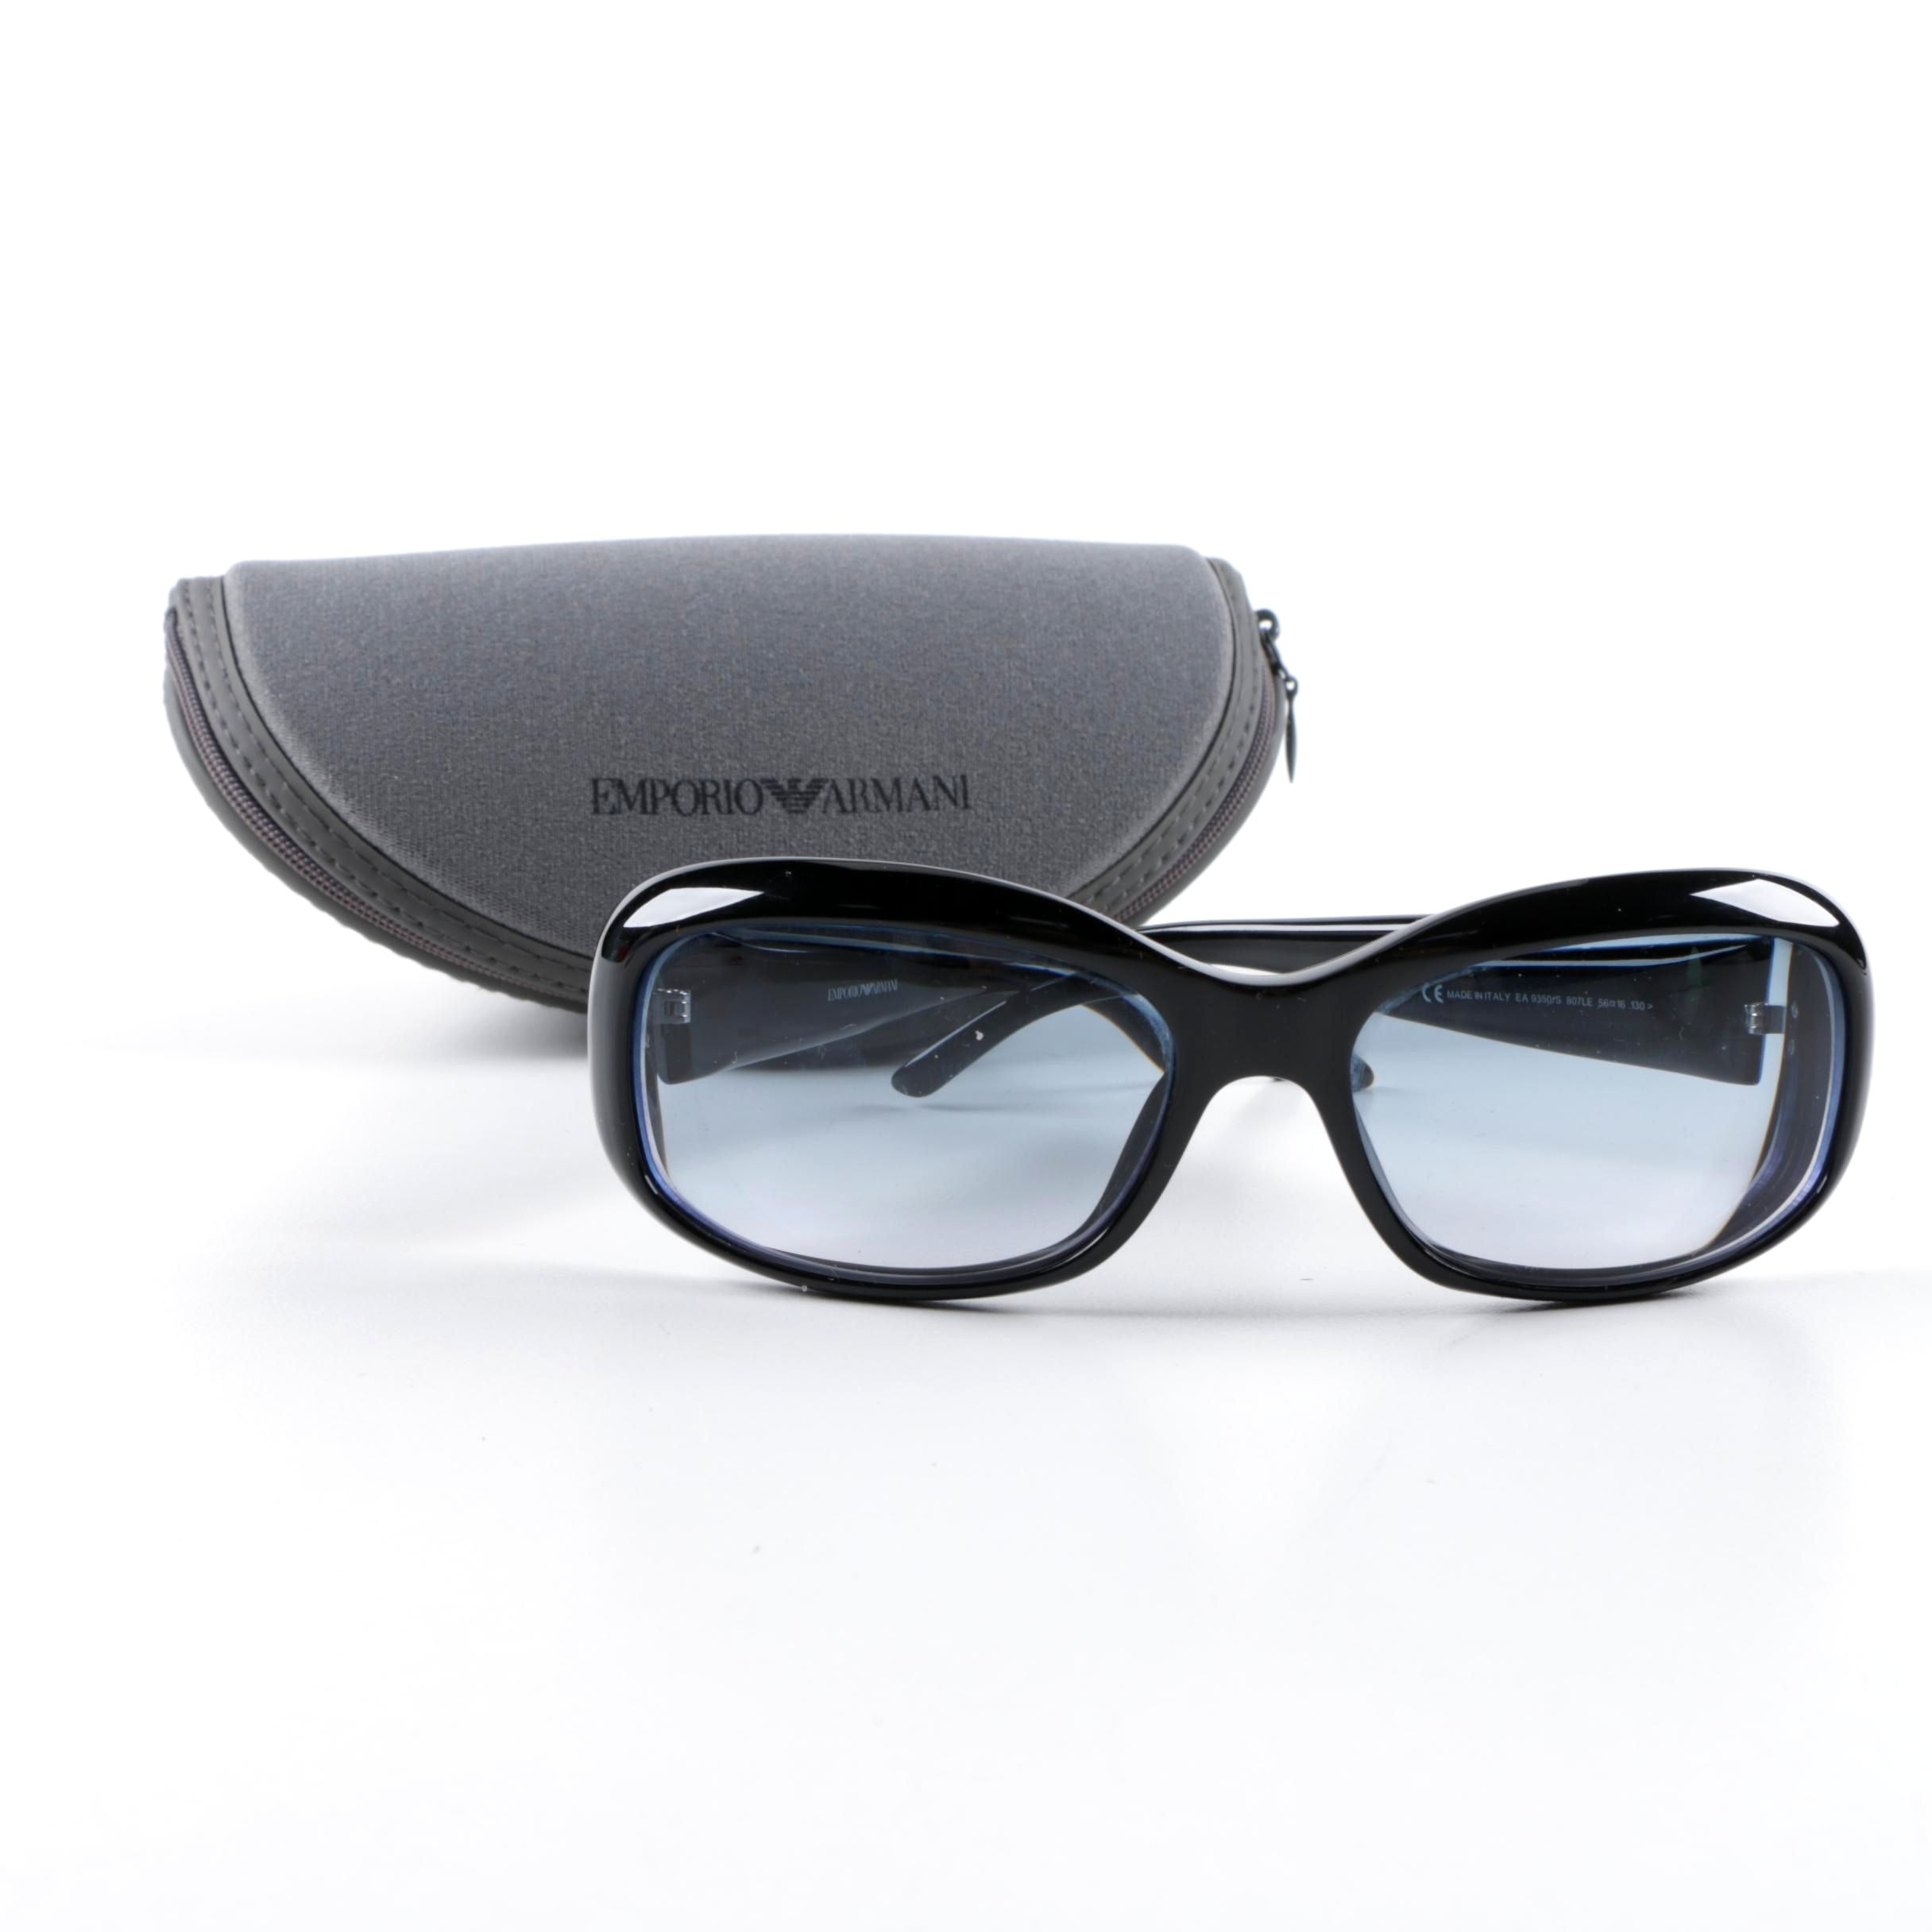 Emporio Armani 9350/S Sunglasses with Case